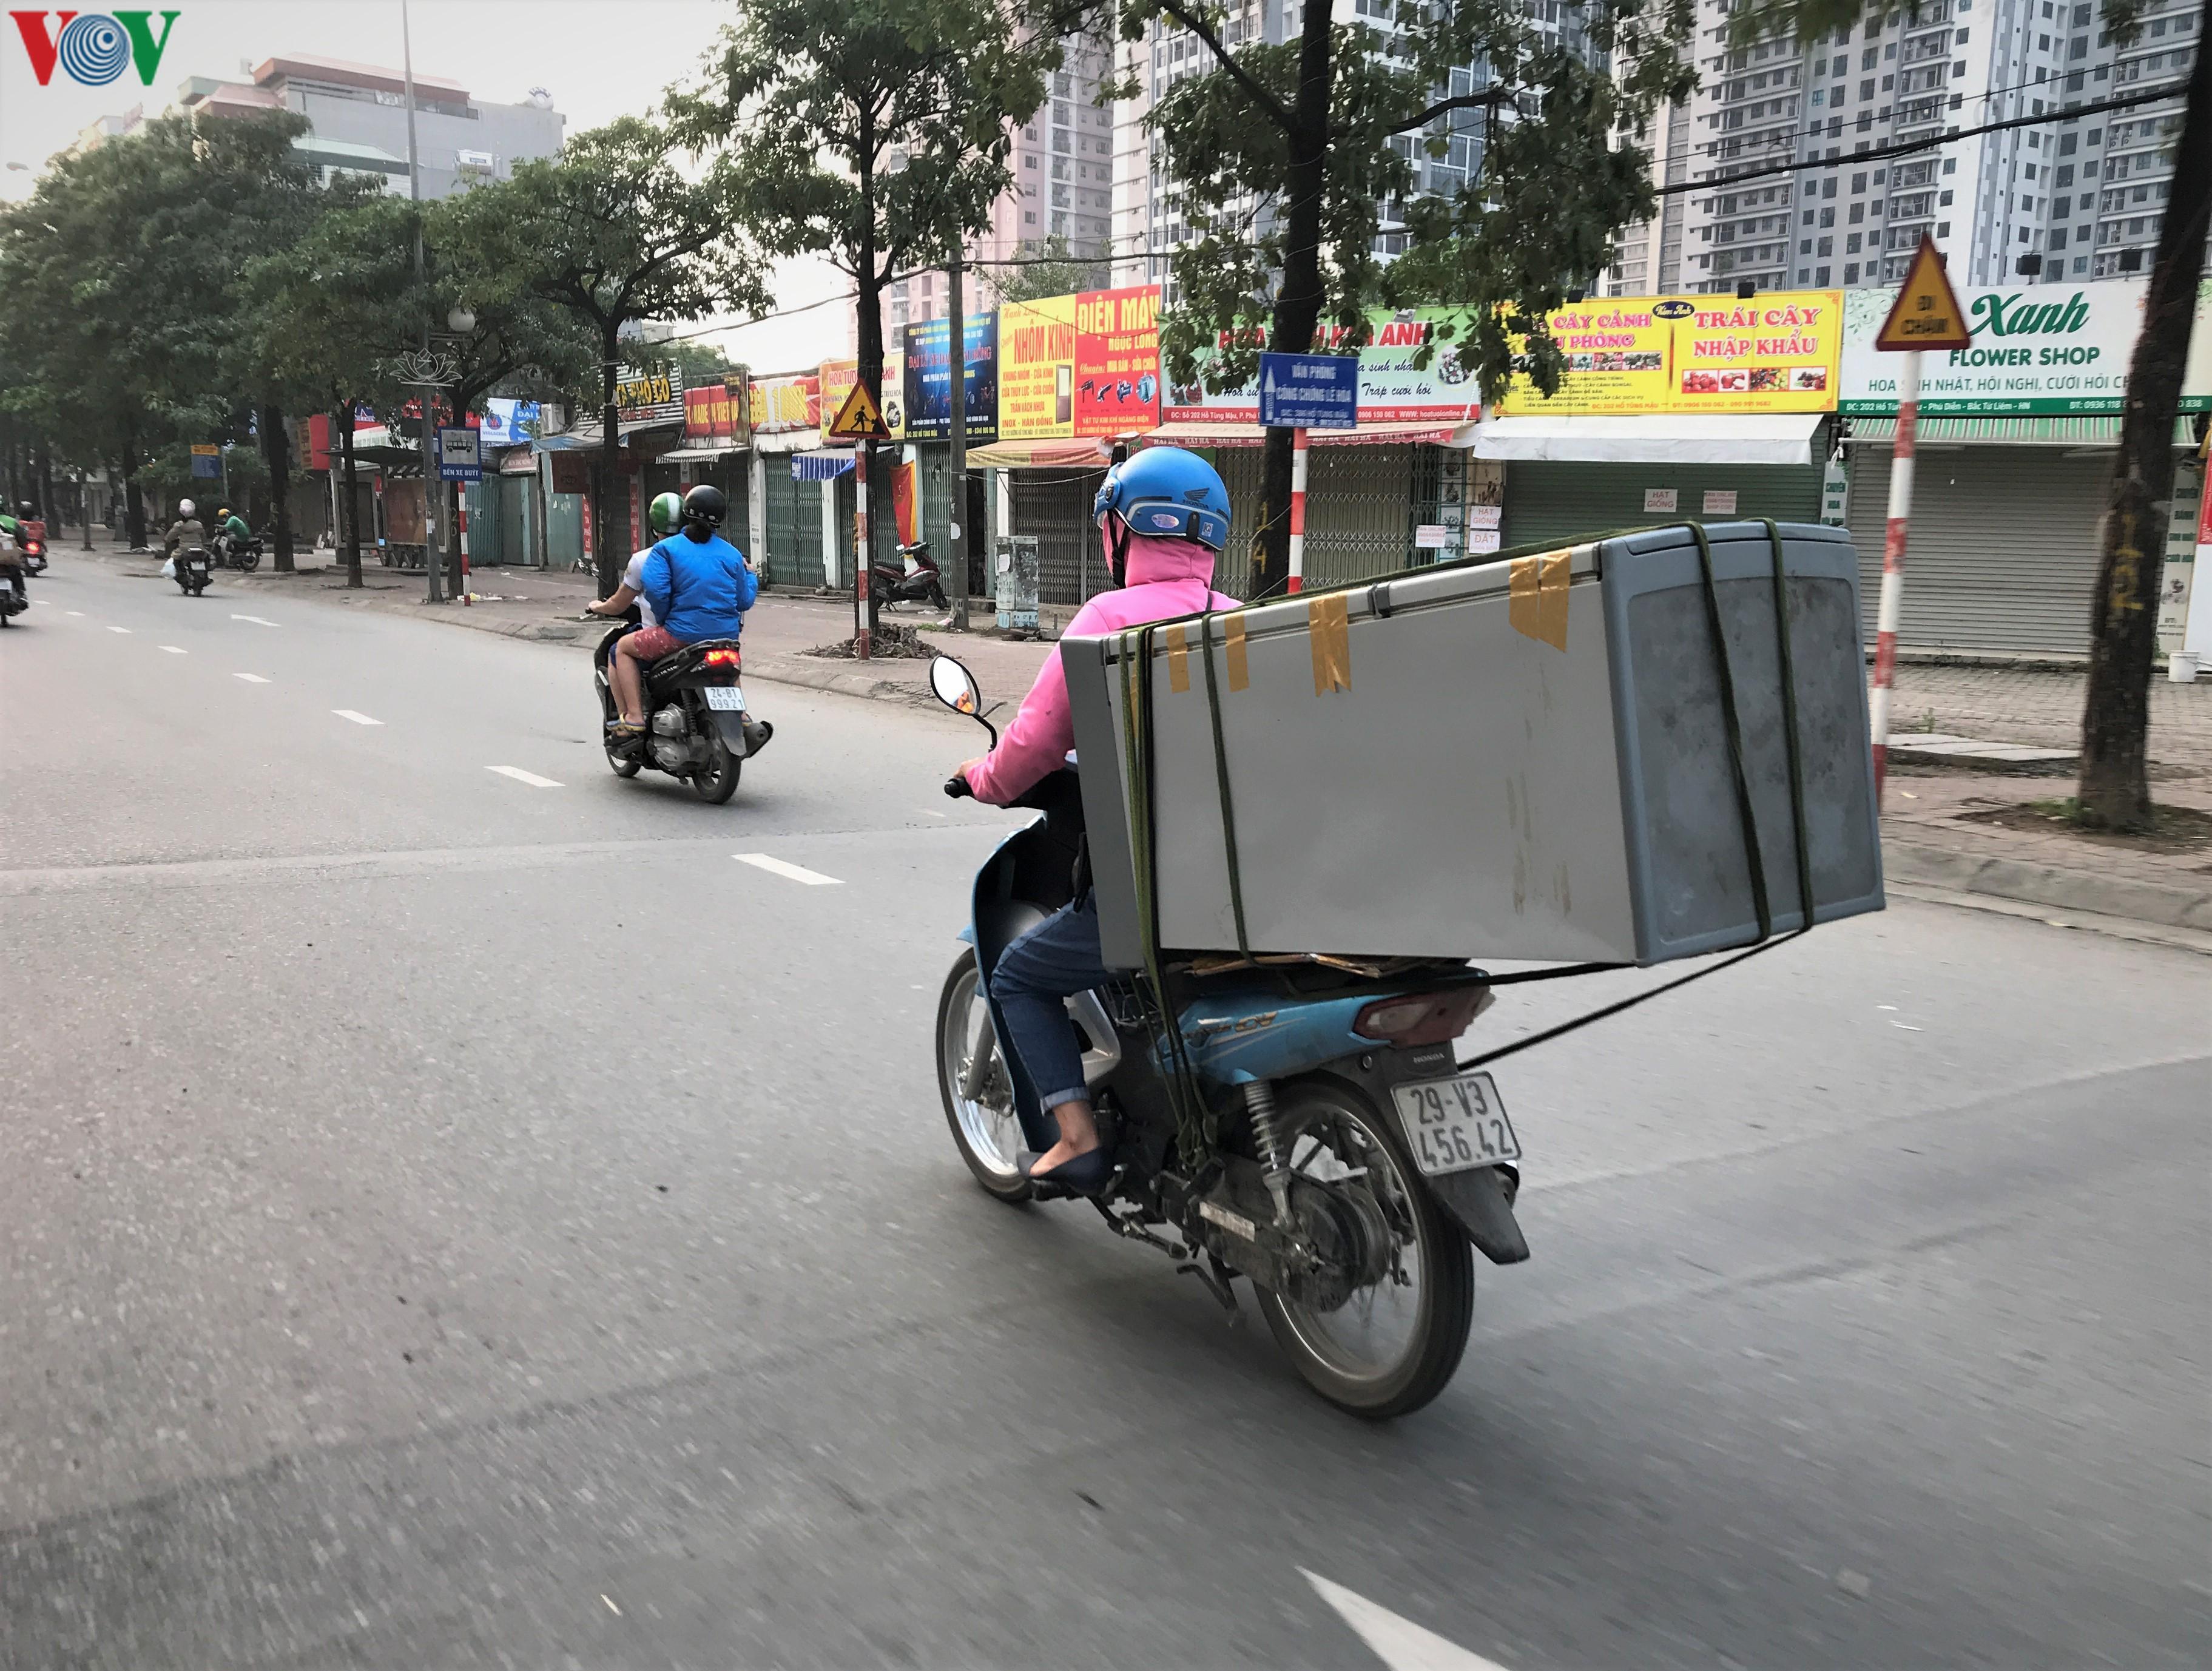 Ngày thứ 9 cách ly xã hội: Người và xe đông chật các ngã tư ở Hà Nội Ảnh 9